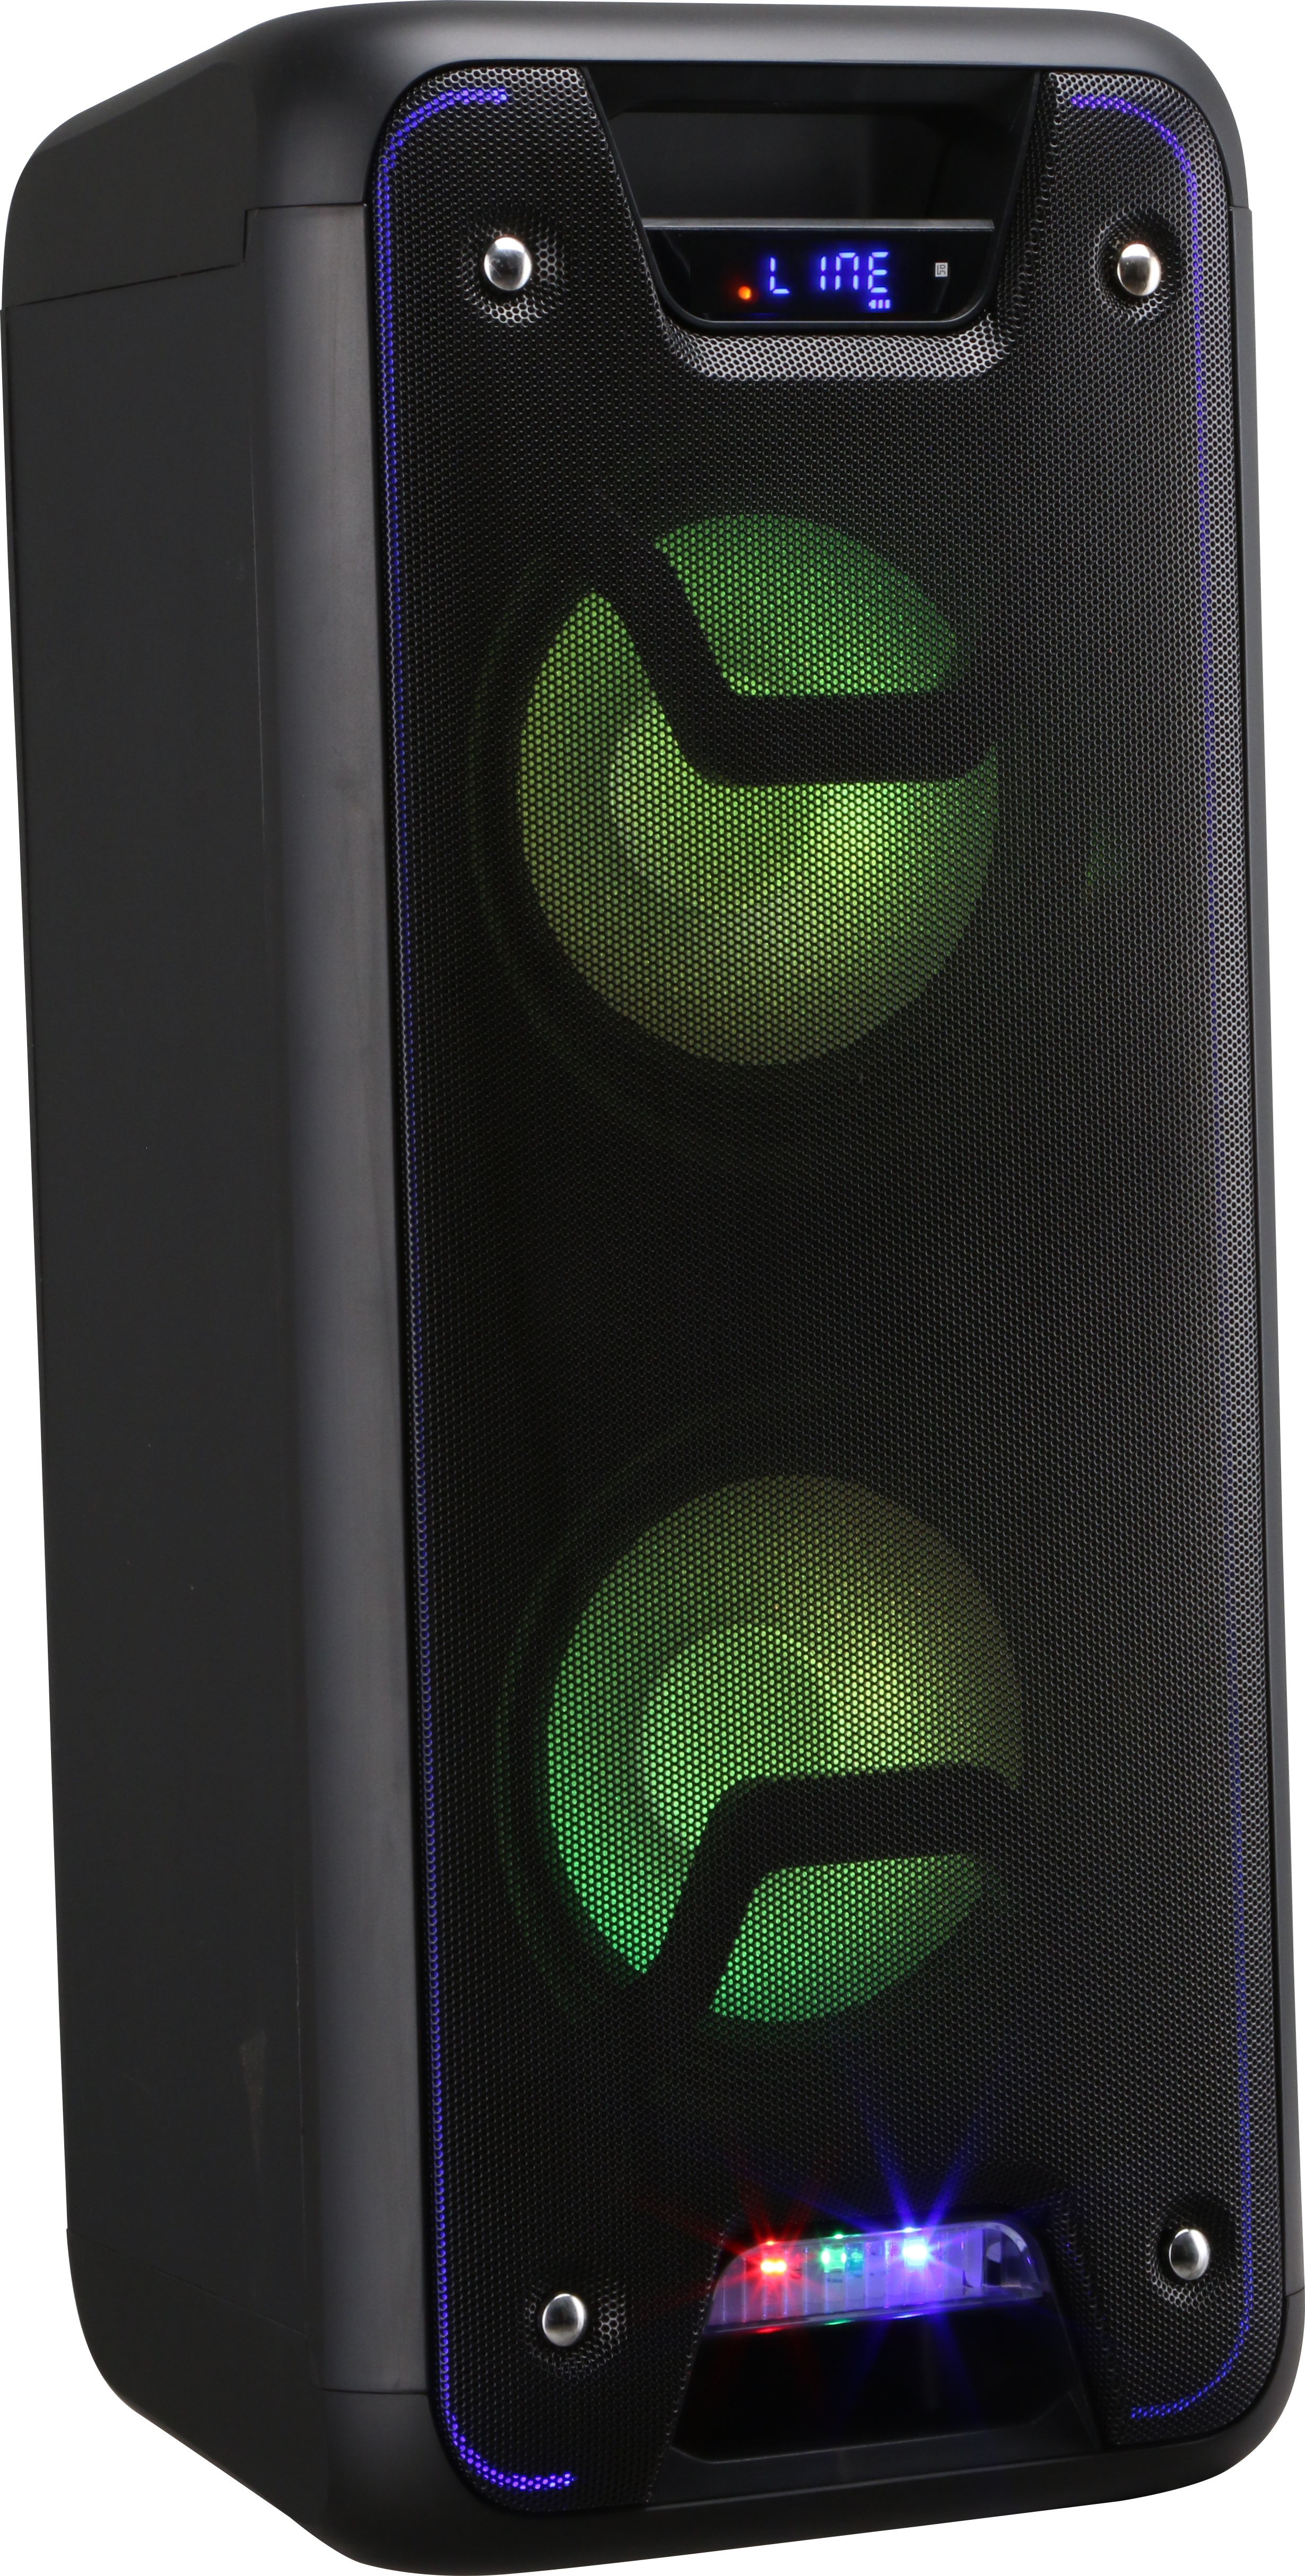 Boxa portabila cu microfon Wireless VORTEX VO2602, Bluetooth, USB, Radio FM, negru